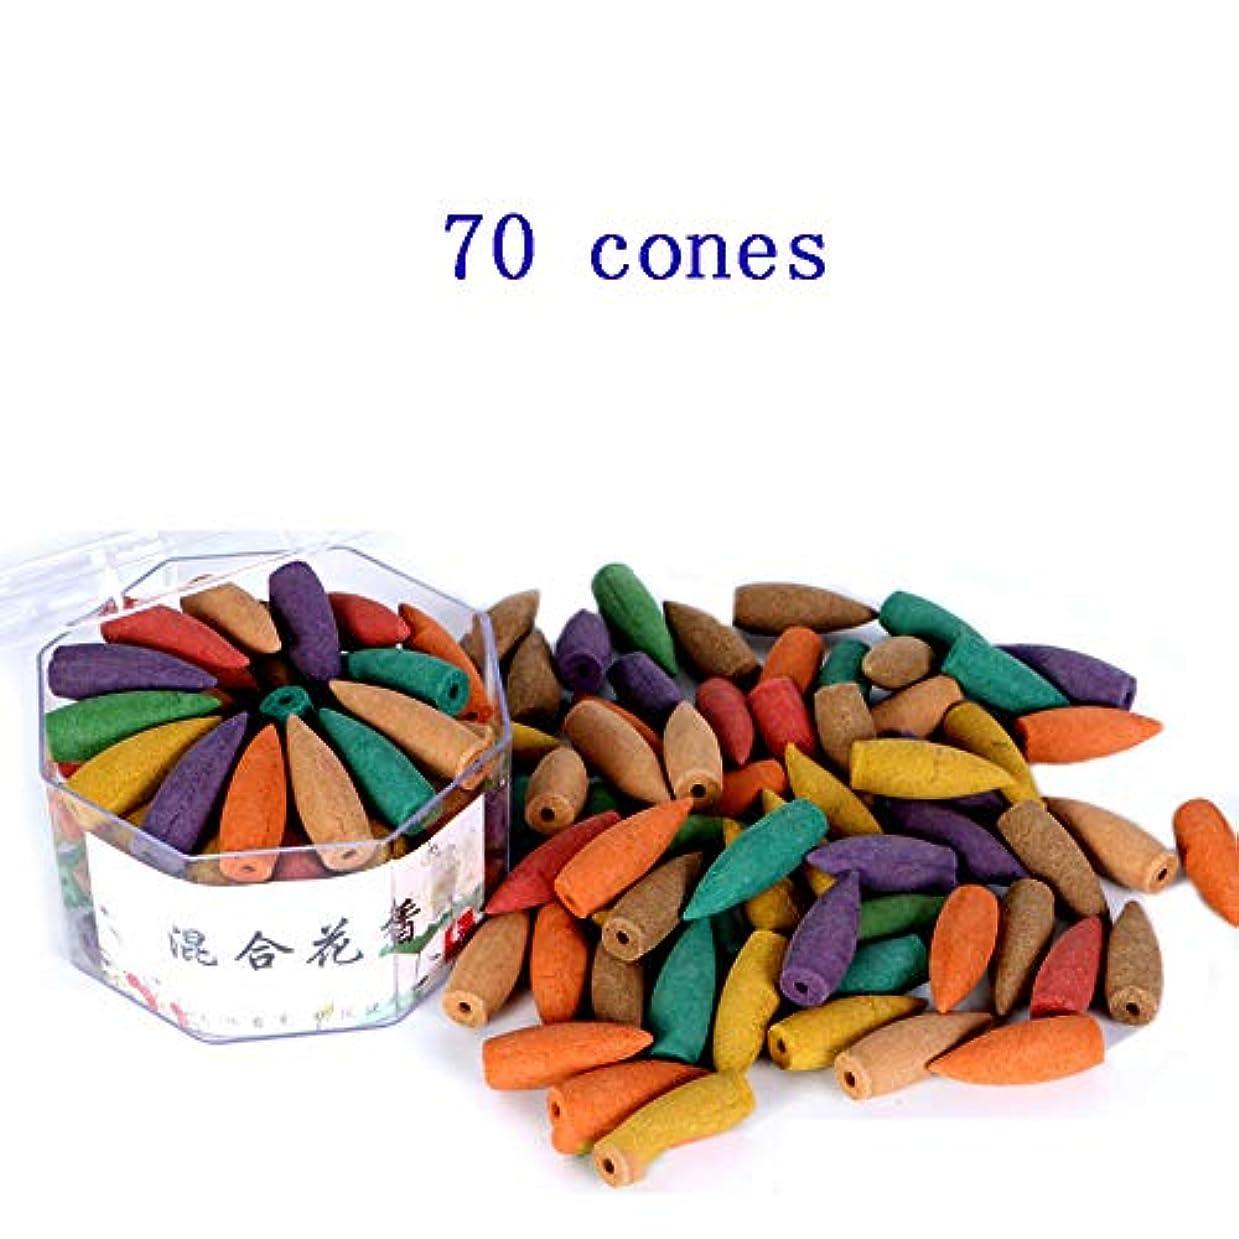 キャンペーン居間乳白色(In-70mixed) - Corcio 70pcs/box Lengthened Cone Tower Incense Backflow Incense Waterfall Cones for Incense Burner...